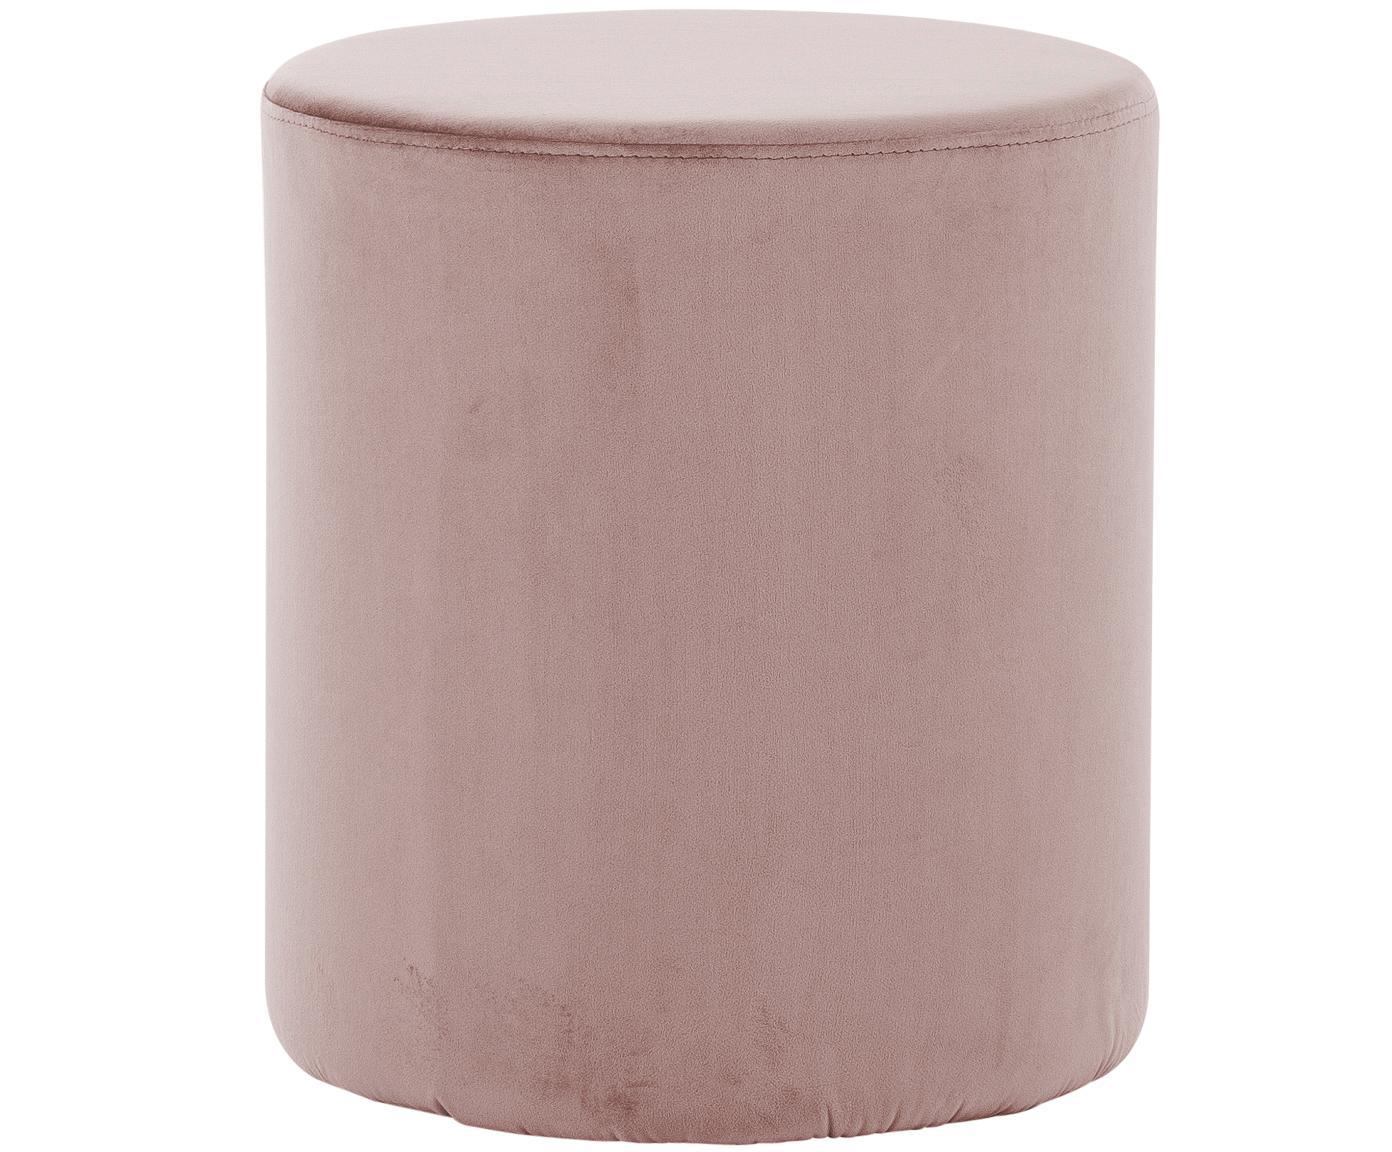 Fluwelen poef Daisy, Bekleding: fluweel (polyester), Frame: MDF, Roze, Ø 38 cm